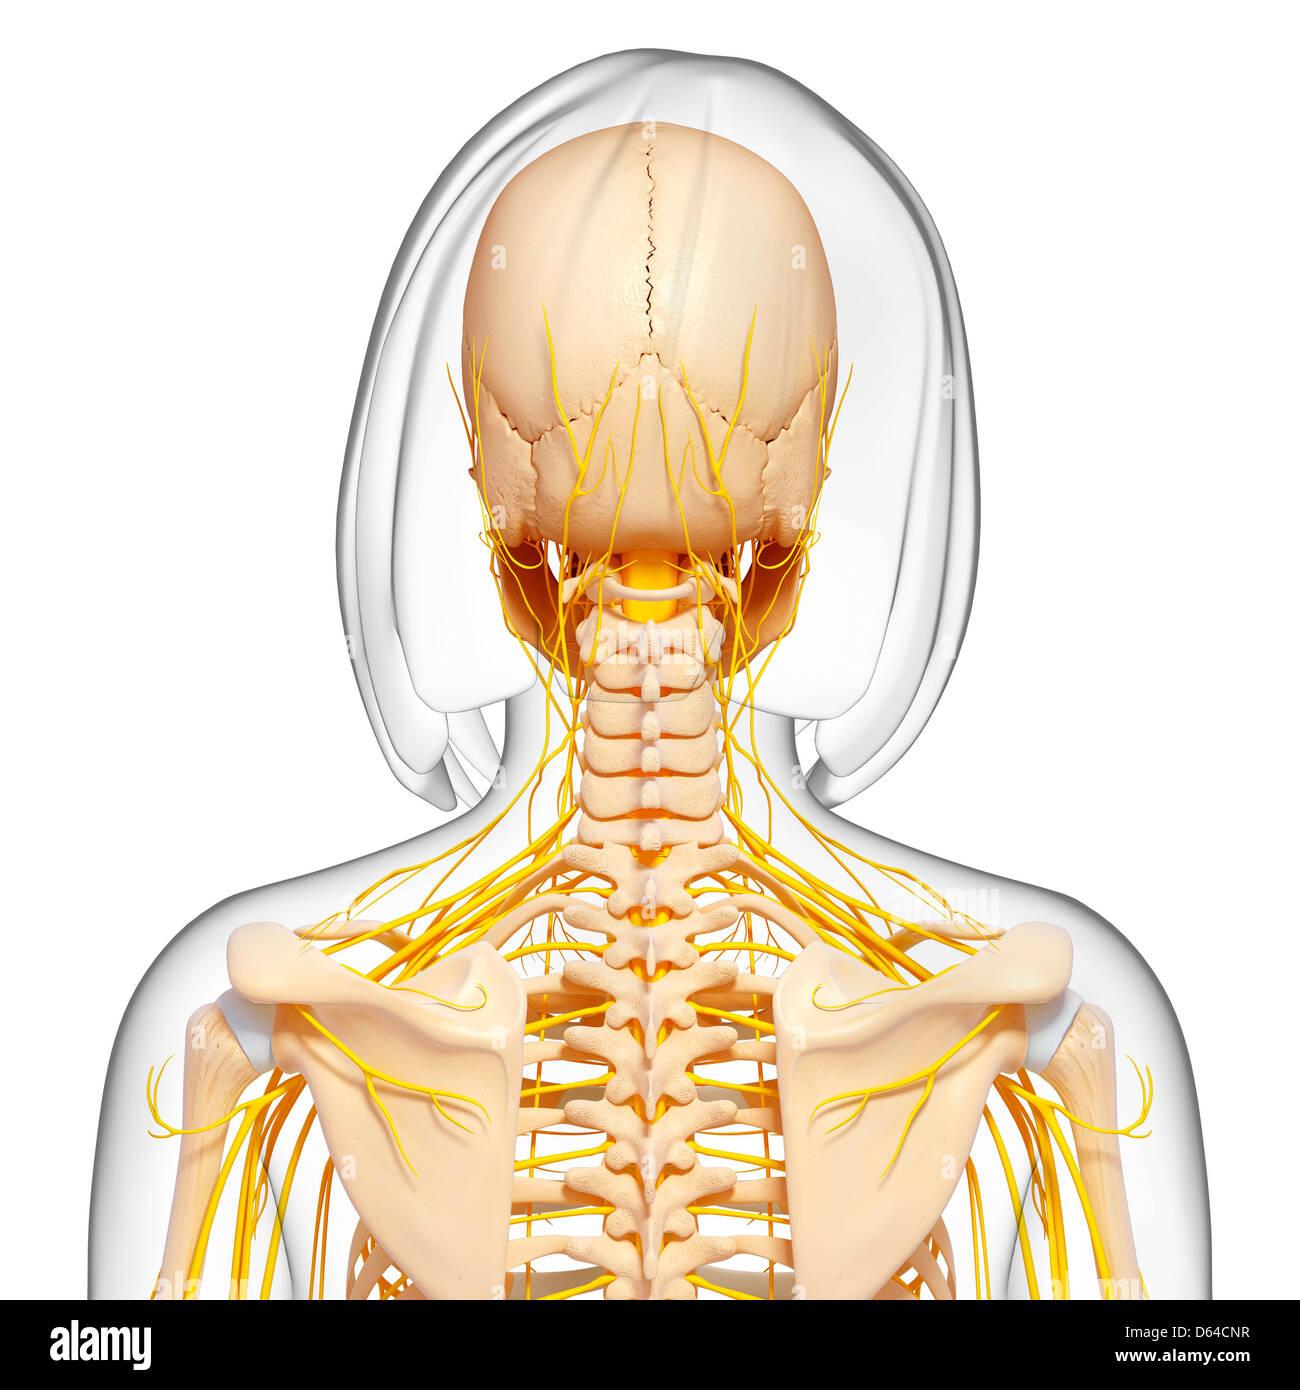 Weibliche Anatomie, artwork Stockfoto, Bild: 55416867 - Alamy